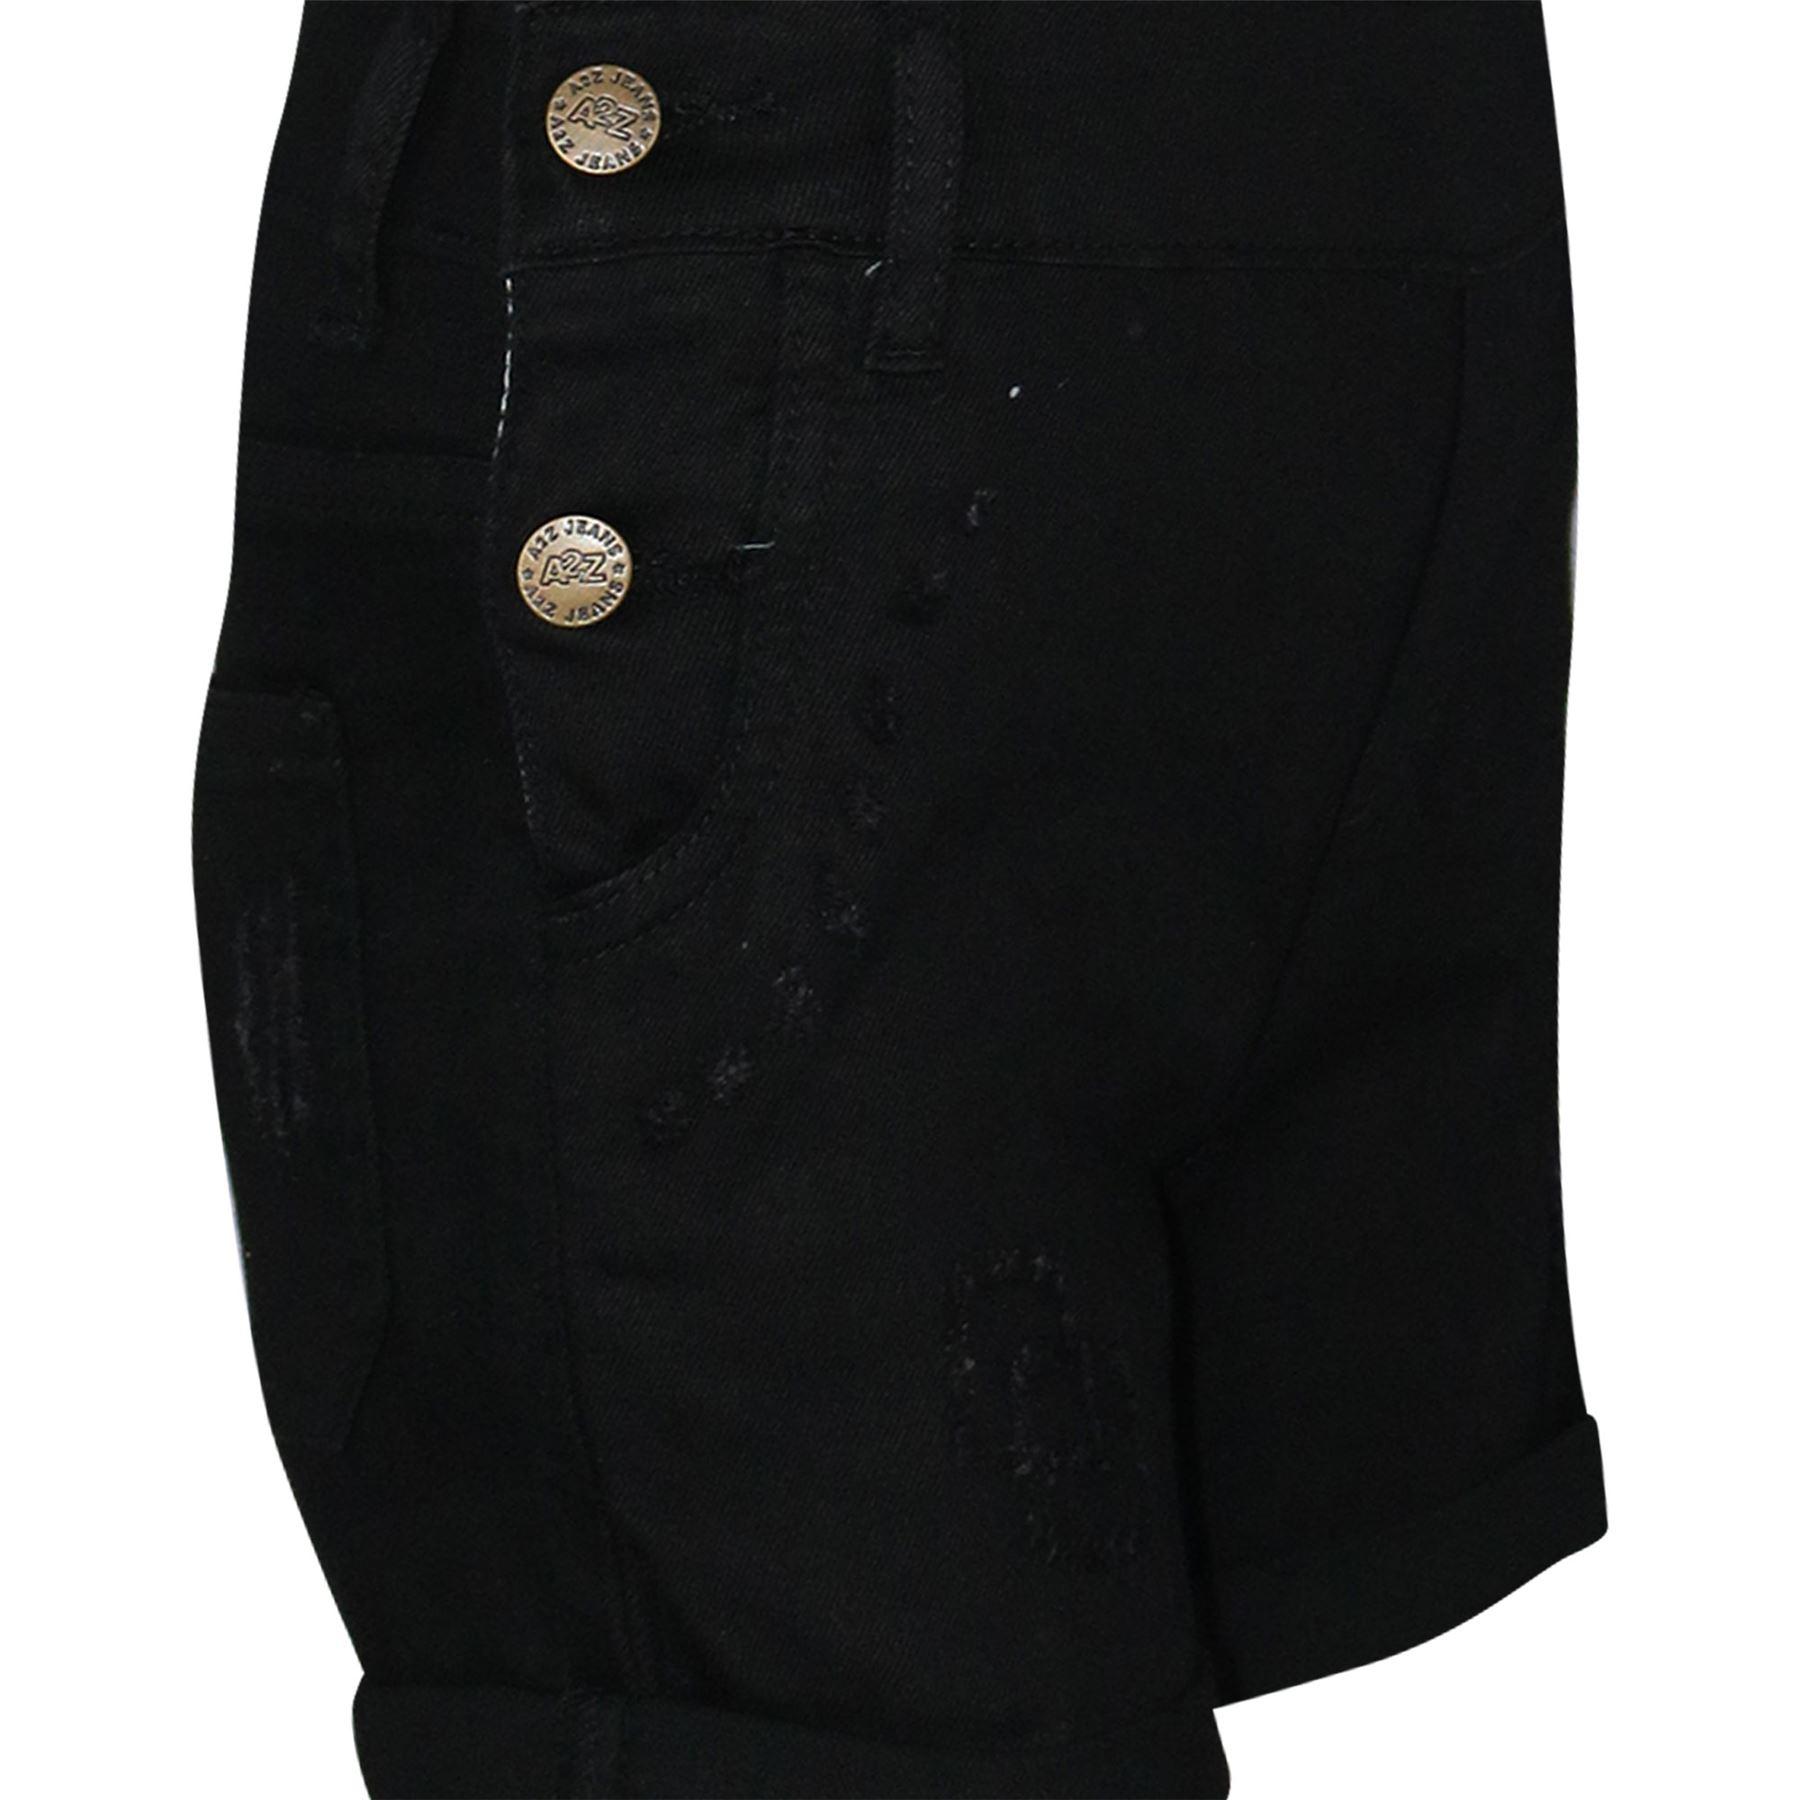 Indexbild 6 - Kinder Mädchen Latzhose Shorts Denim Gerippt Stretch Jeans Overall 5-13 Jahr